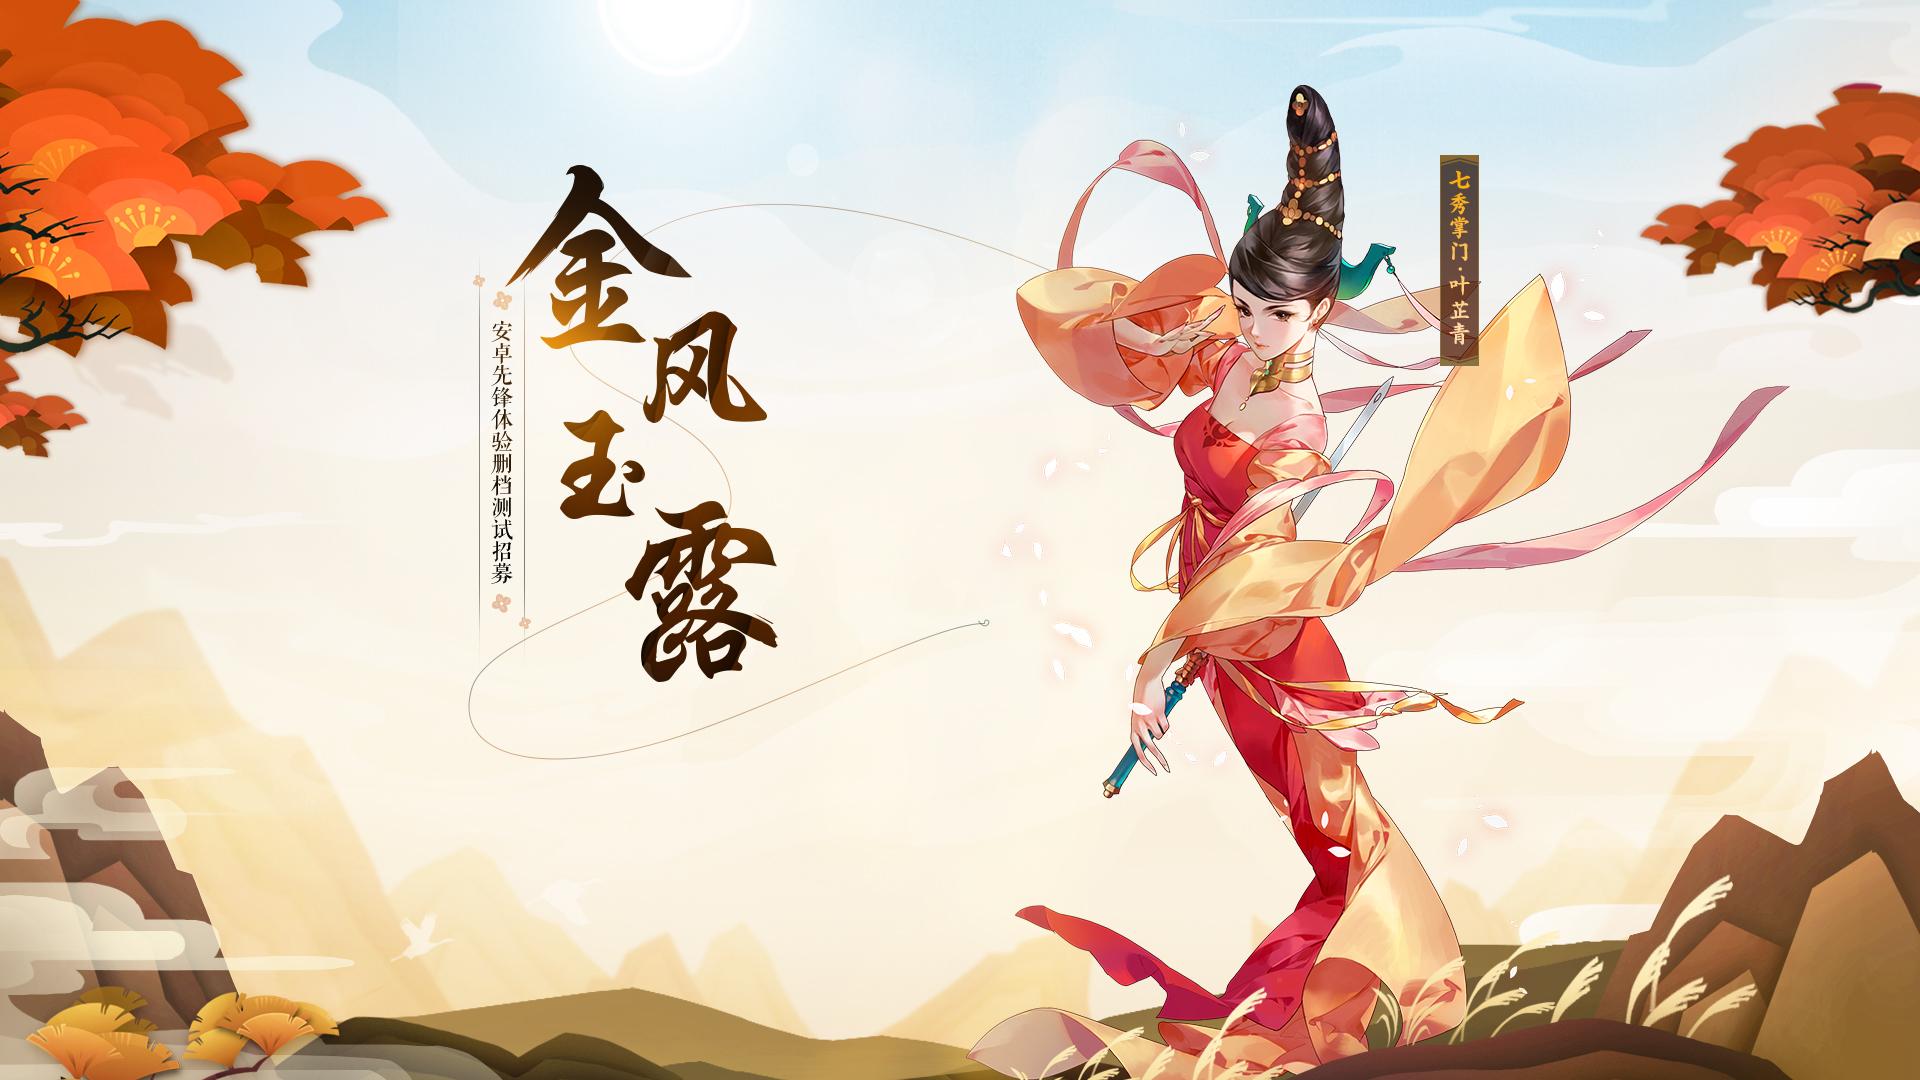 《剑网3:指尖江湖》金风玉露先锋体验删档测试9月底开测